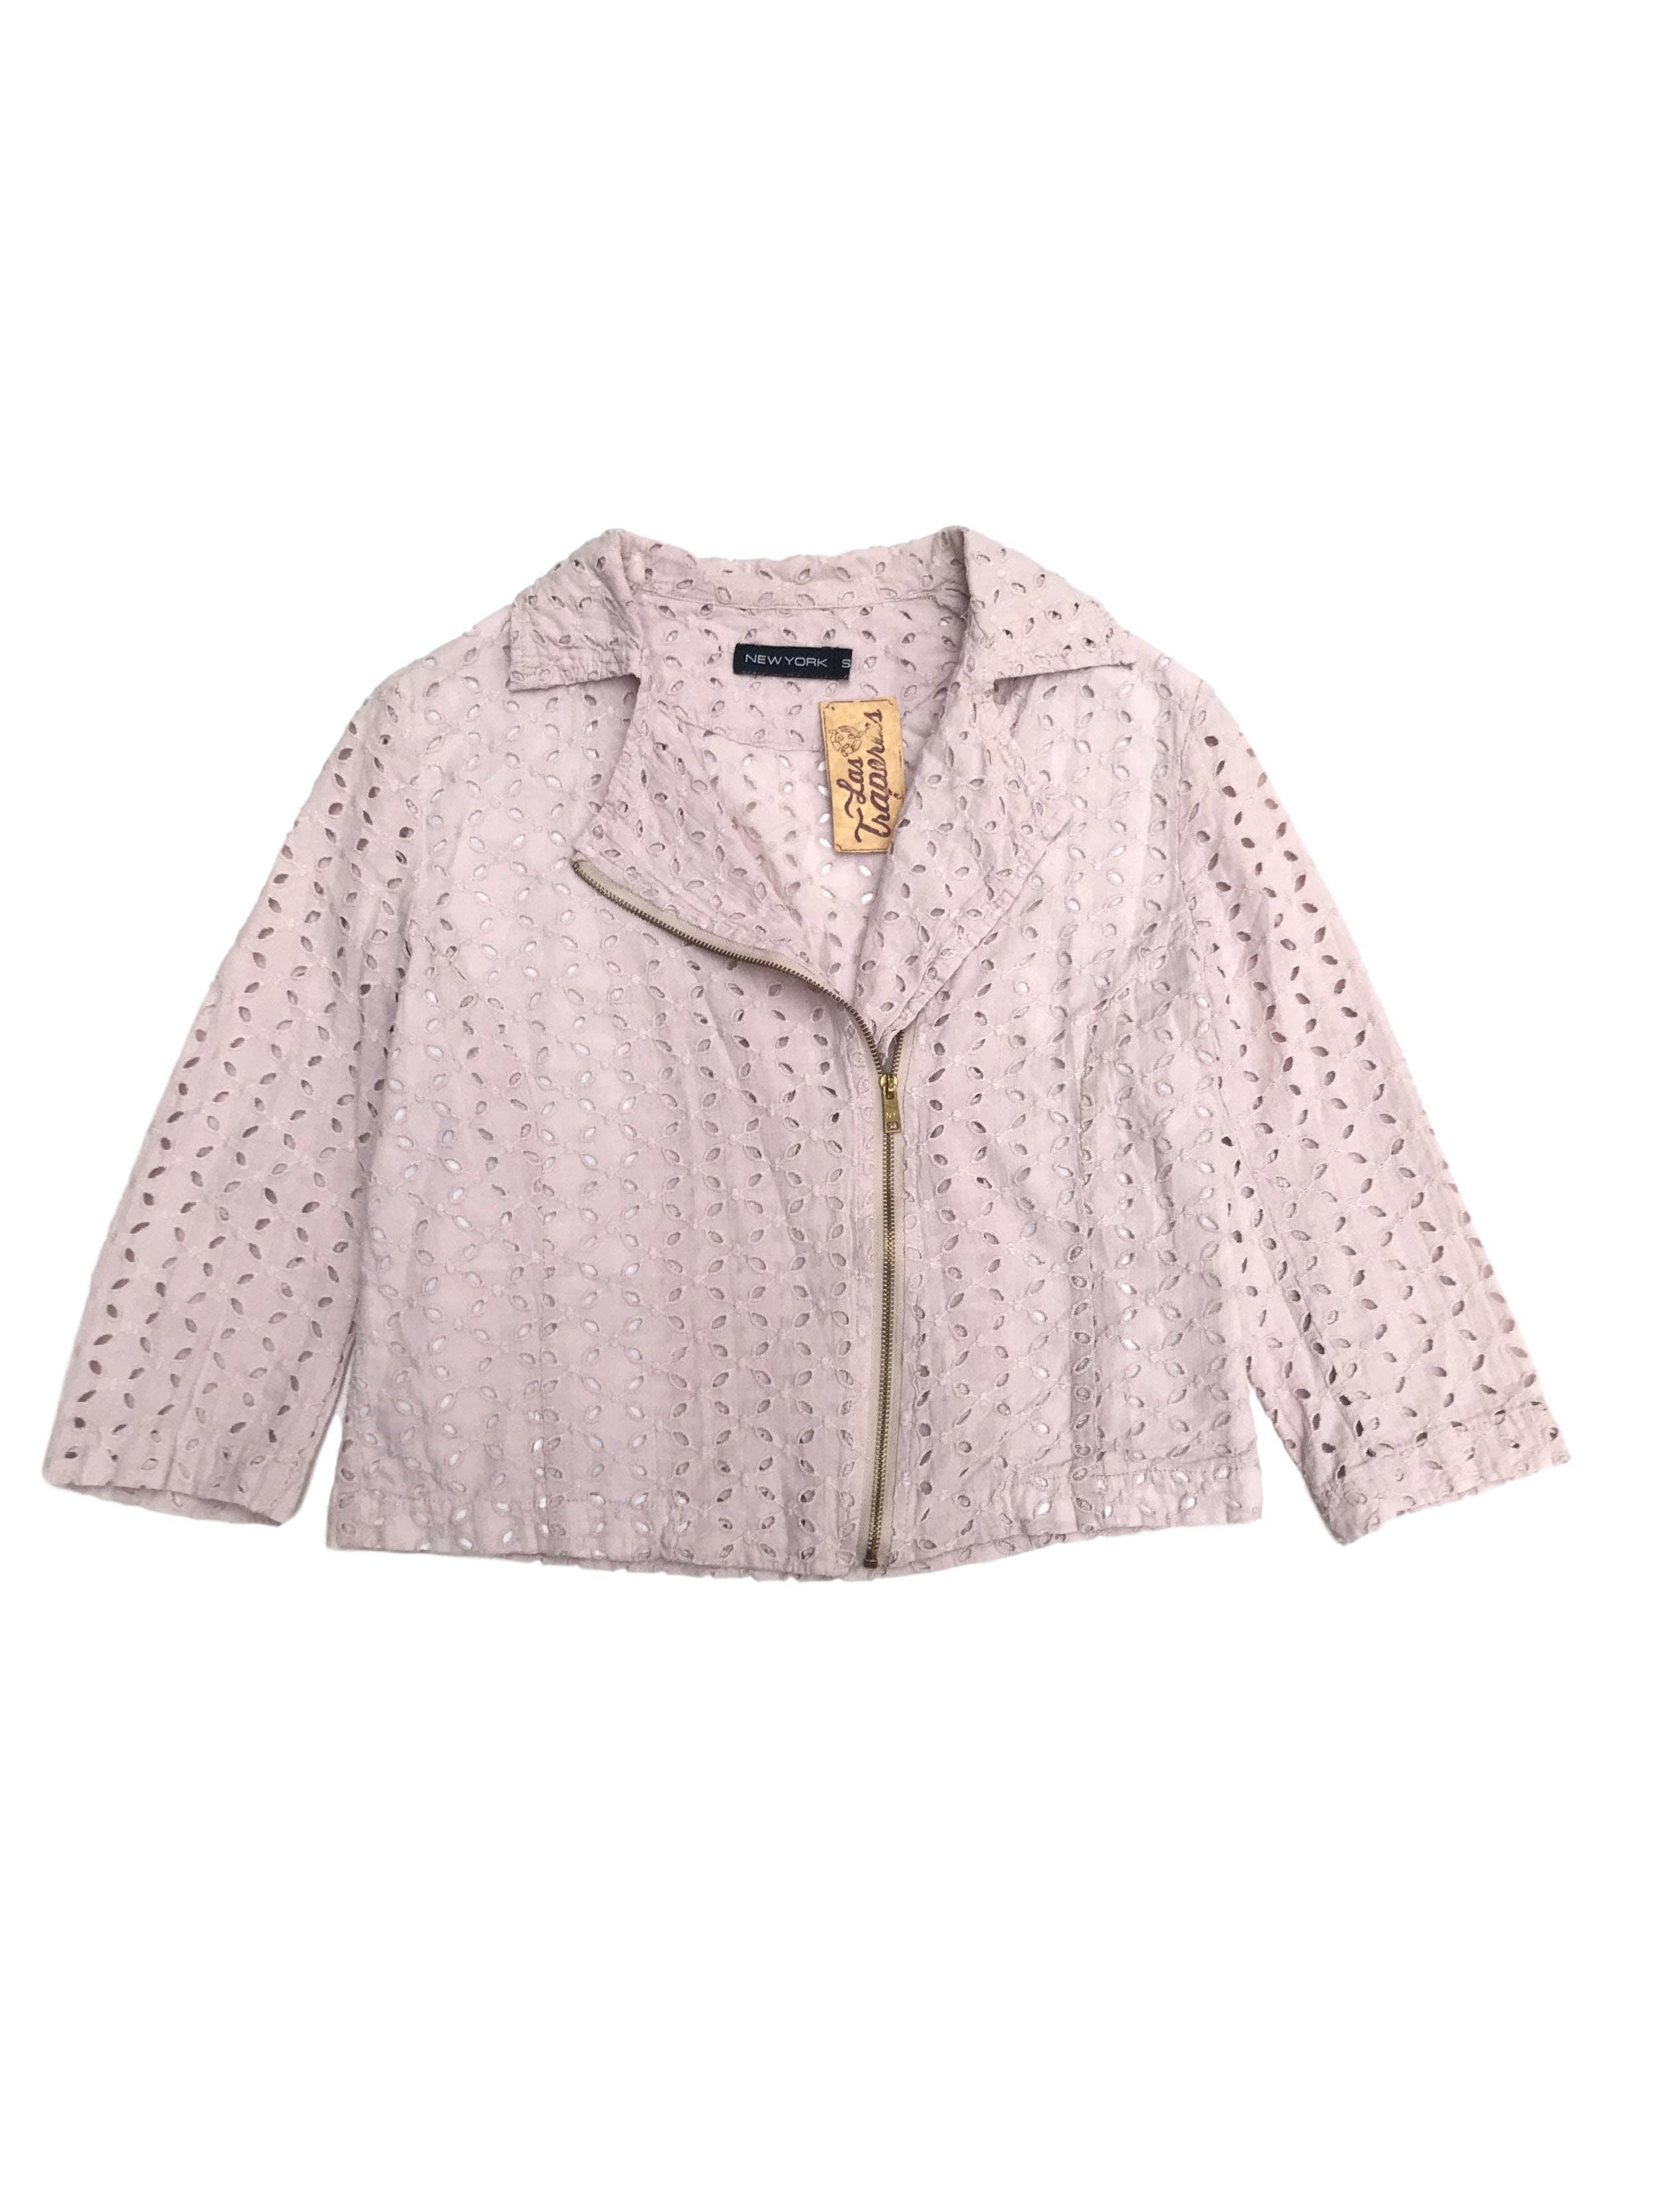 Casaca corta estilo biker, palo rosa 100% algodón con diseño de pétalos calados forro delantero, manga 3/4. Busto 90cm Largo 42cm